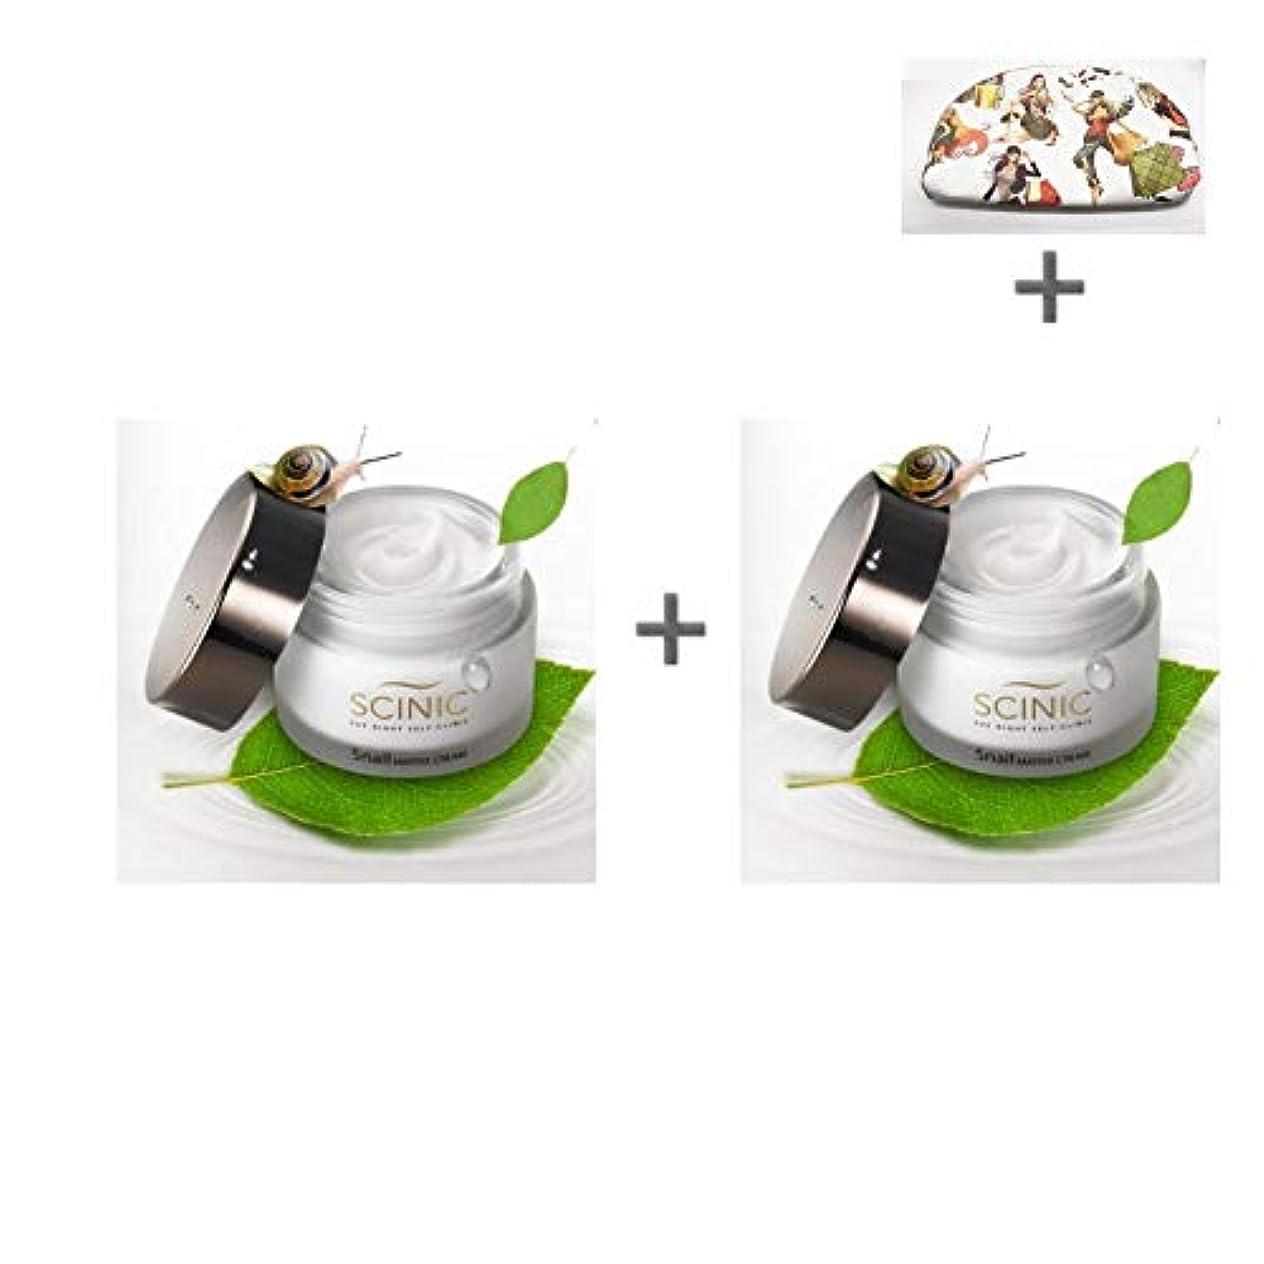 ハンバーガーかんがい組み立てる[サイニク] Scinic サイニク カタツムリクリーム ぷりぷり モチーフ肌 保湿 栄養 クリーム 50ml 1+1 / Scinic Snail Cream [海外直送品][並行輸入品]